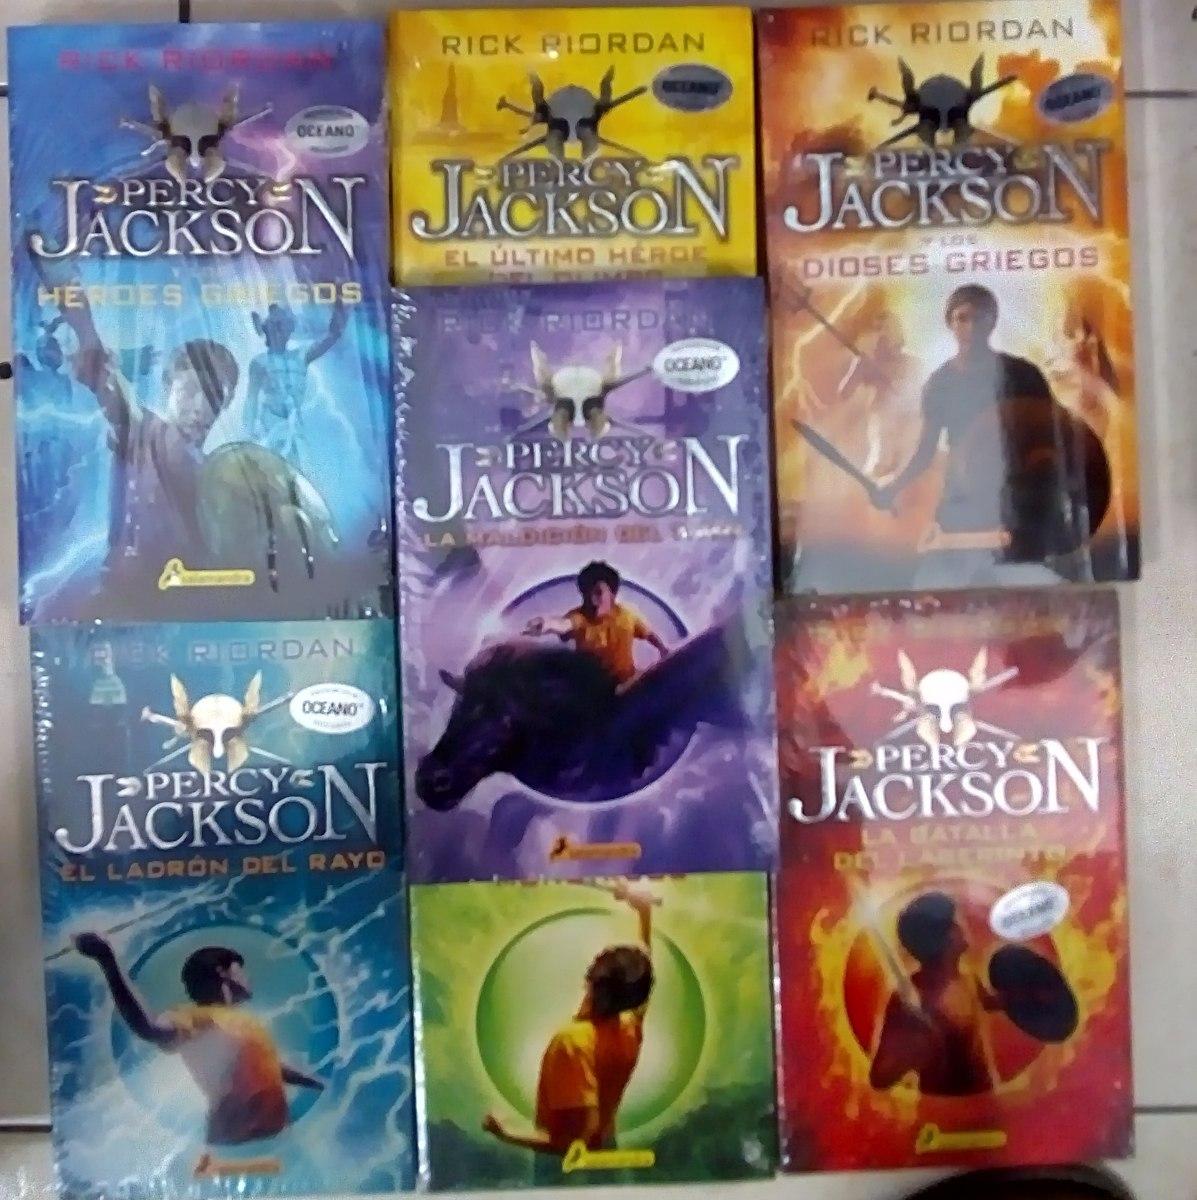 chase jackson libros pdf